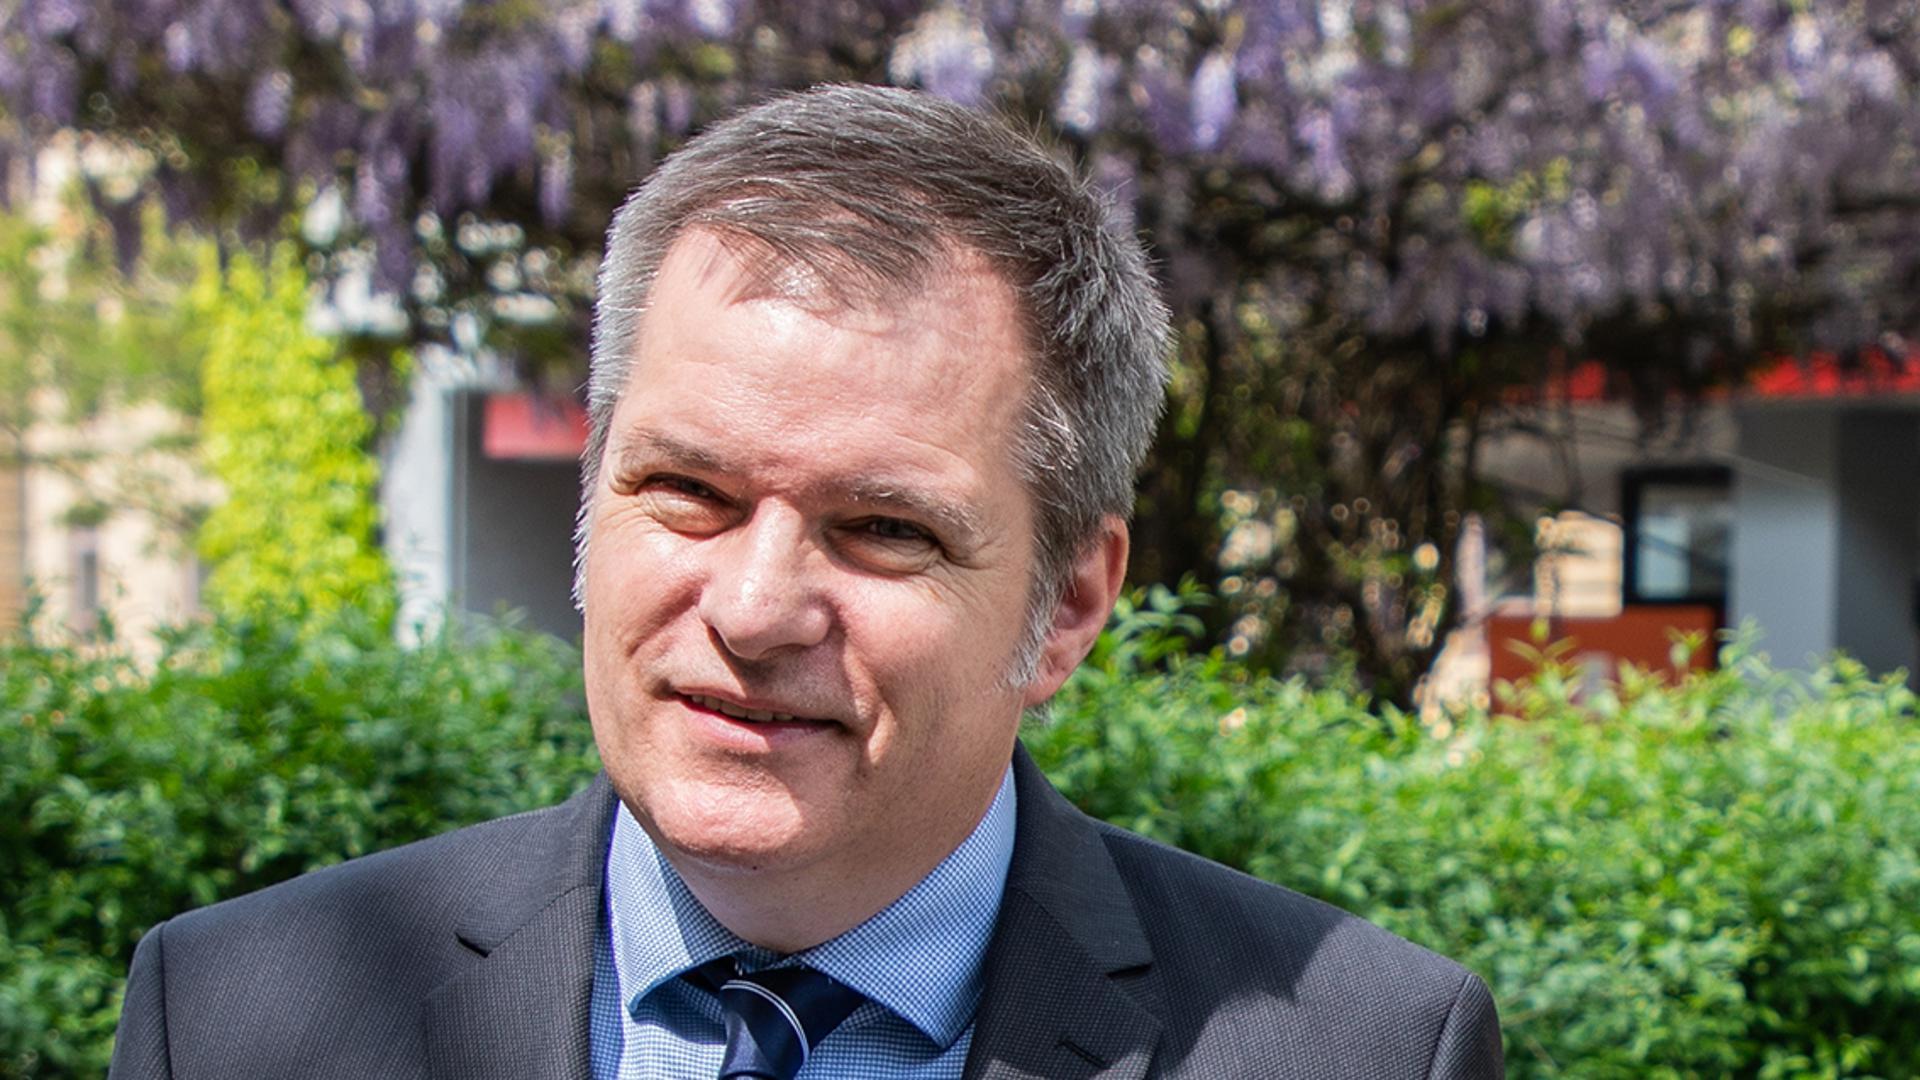 Christian Gleser, Prorektor für Studium und Lehre an der Pädagogischen Hochschule Karlsruhe, ist im Großen und Ganzen zufrieden mit dem Studium unter Pandemie-Bedingungen.